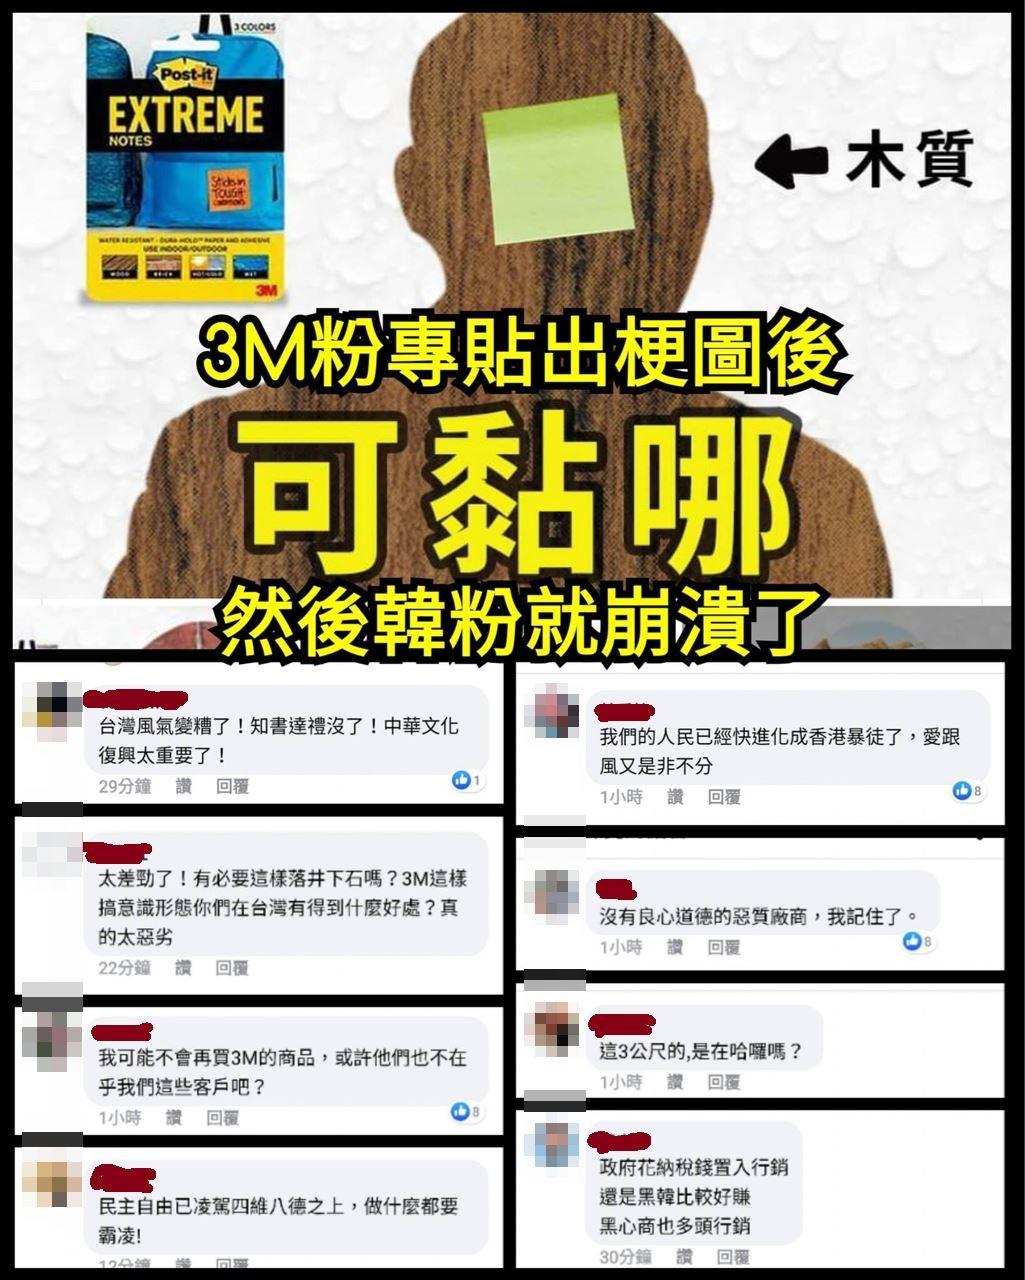 3M便條紙廣告致敬韓國瑜「可憐哪」(圖/翻攝自PTT)